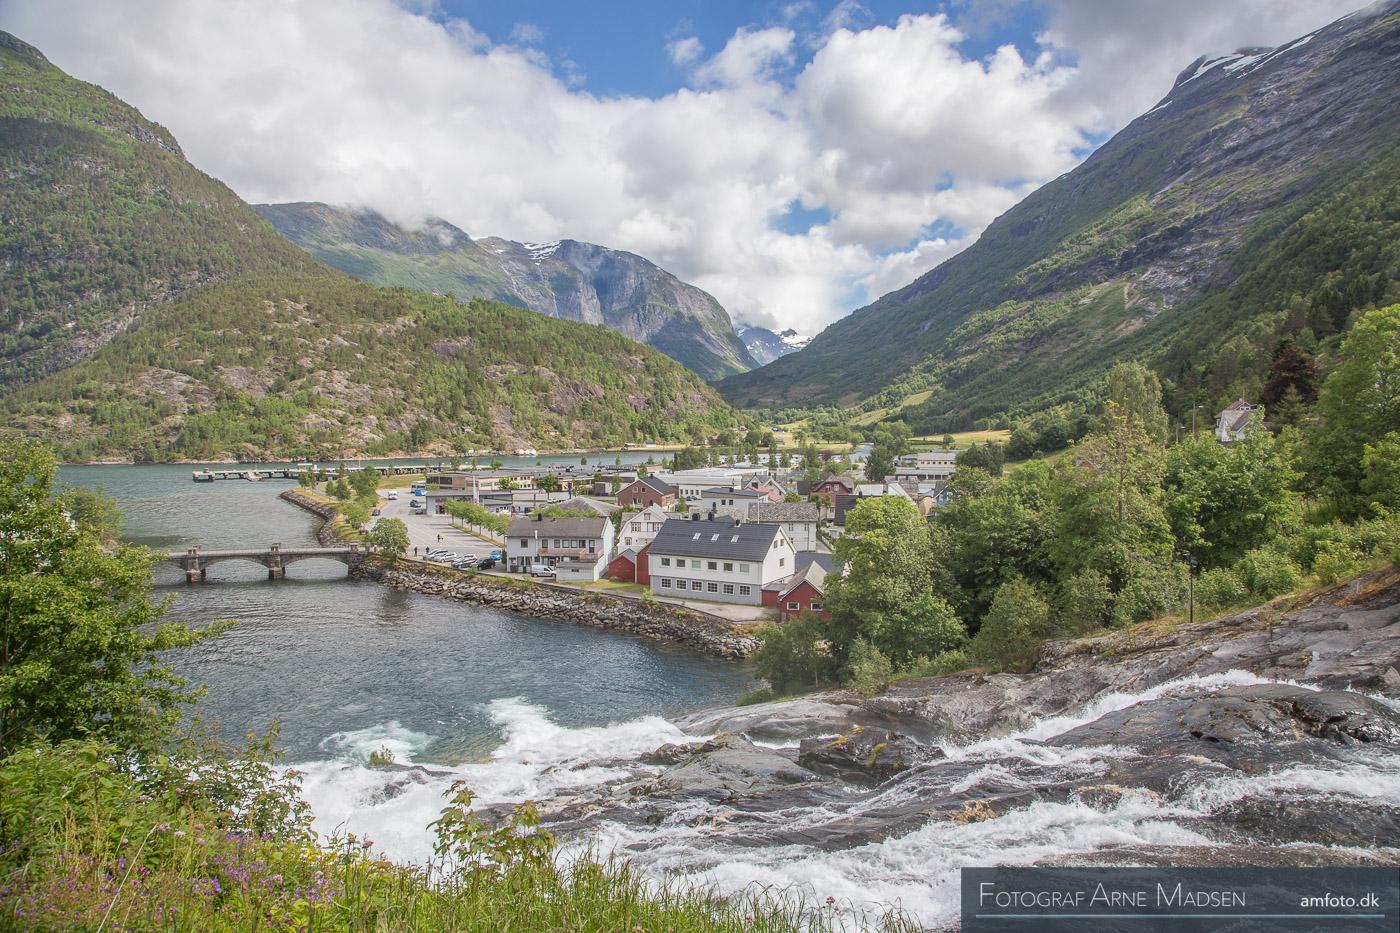 AMFOTO_2016_Norge_Hellesylt-298